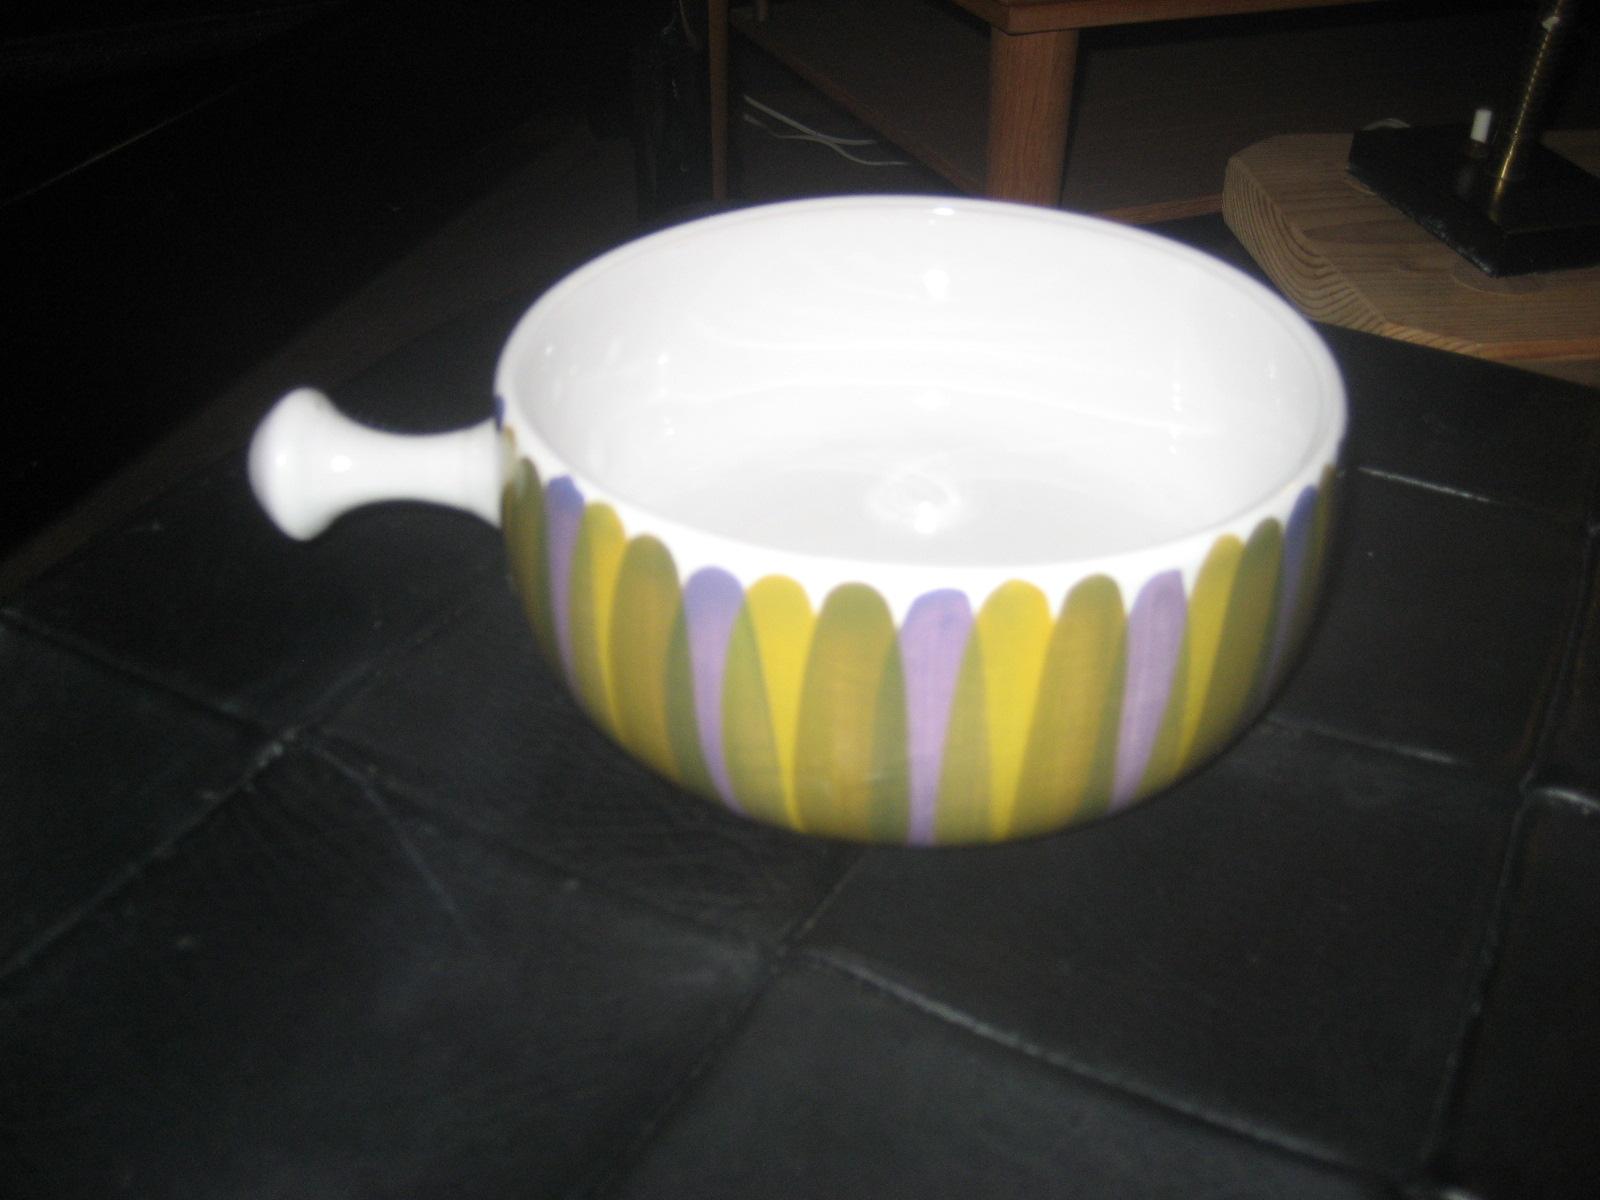 bangholm keramik Bangholm keramik | Retro og design bangholm keramik